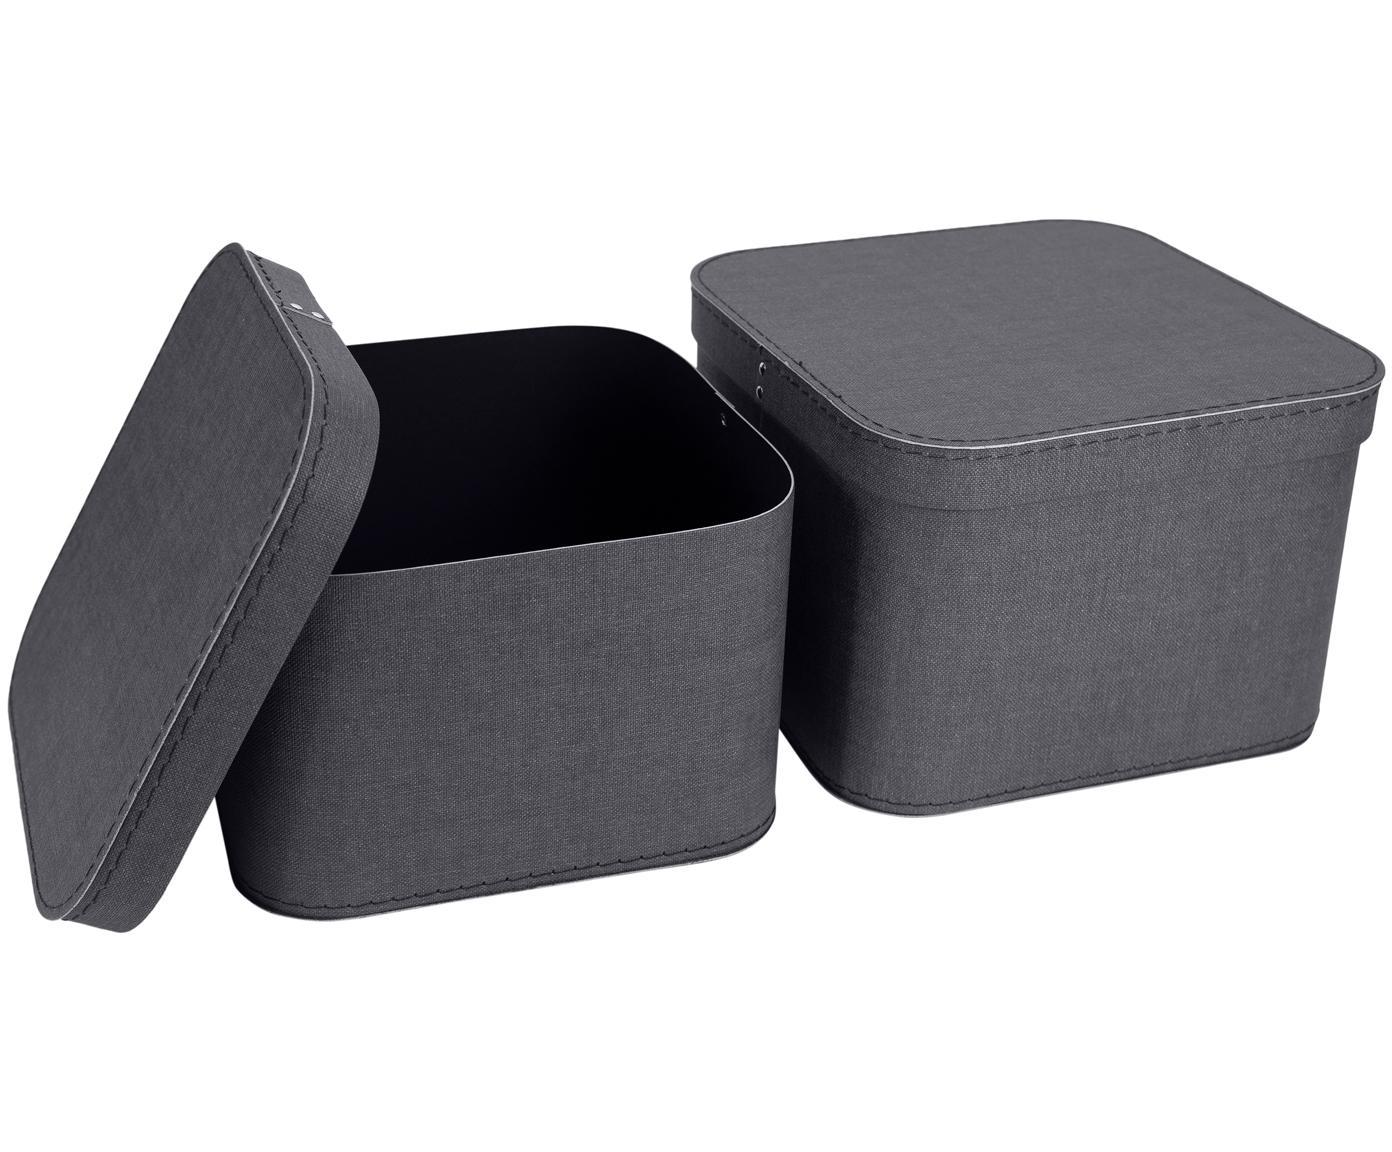 Komplet pudełek do przechowywania Ludvig, 2 elem., Tektura laminowana, Antracytowy, Różne rozmiary